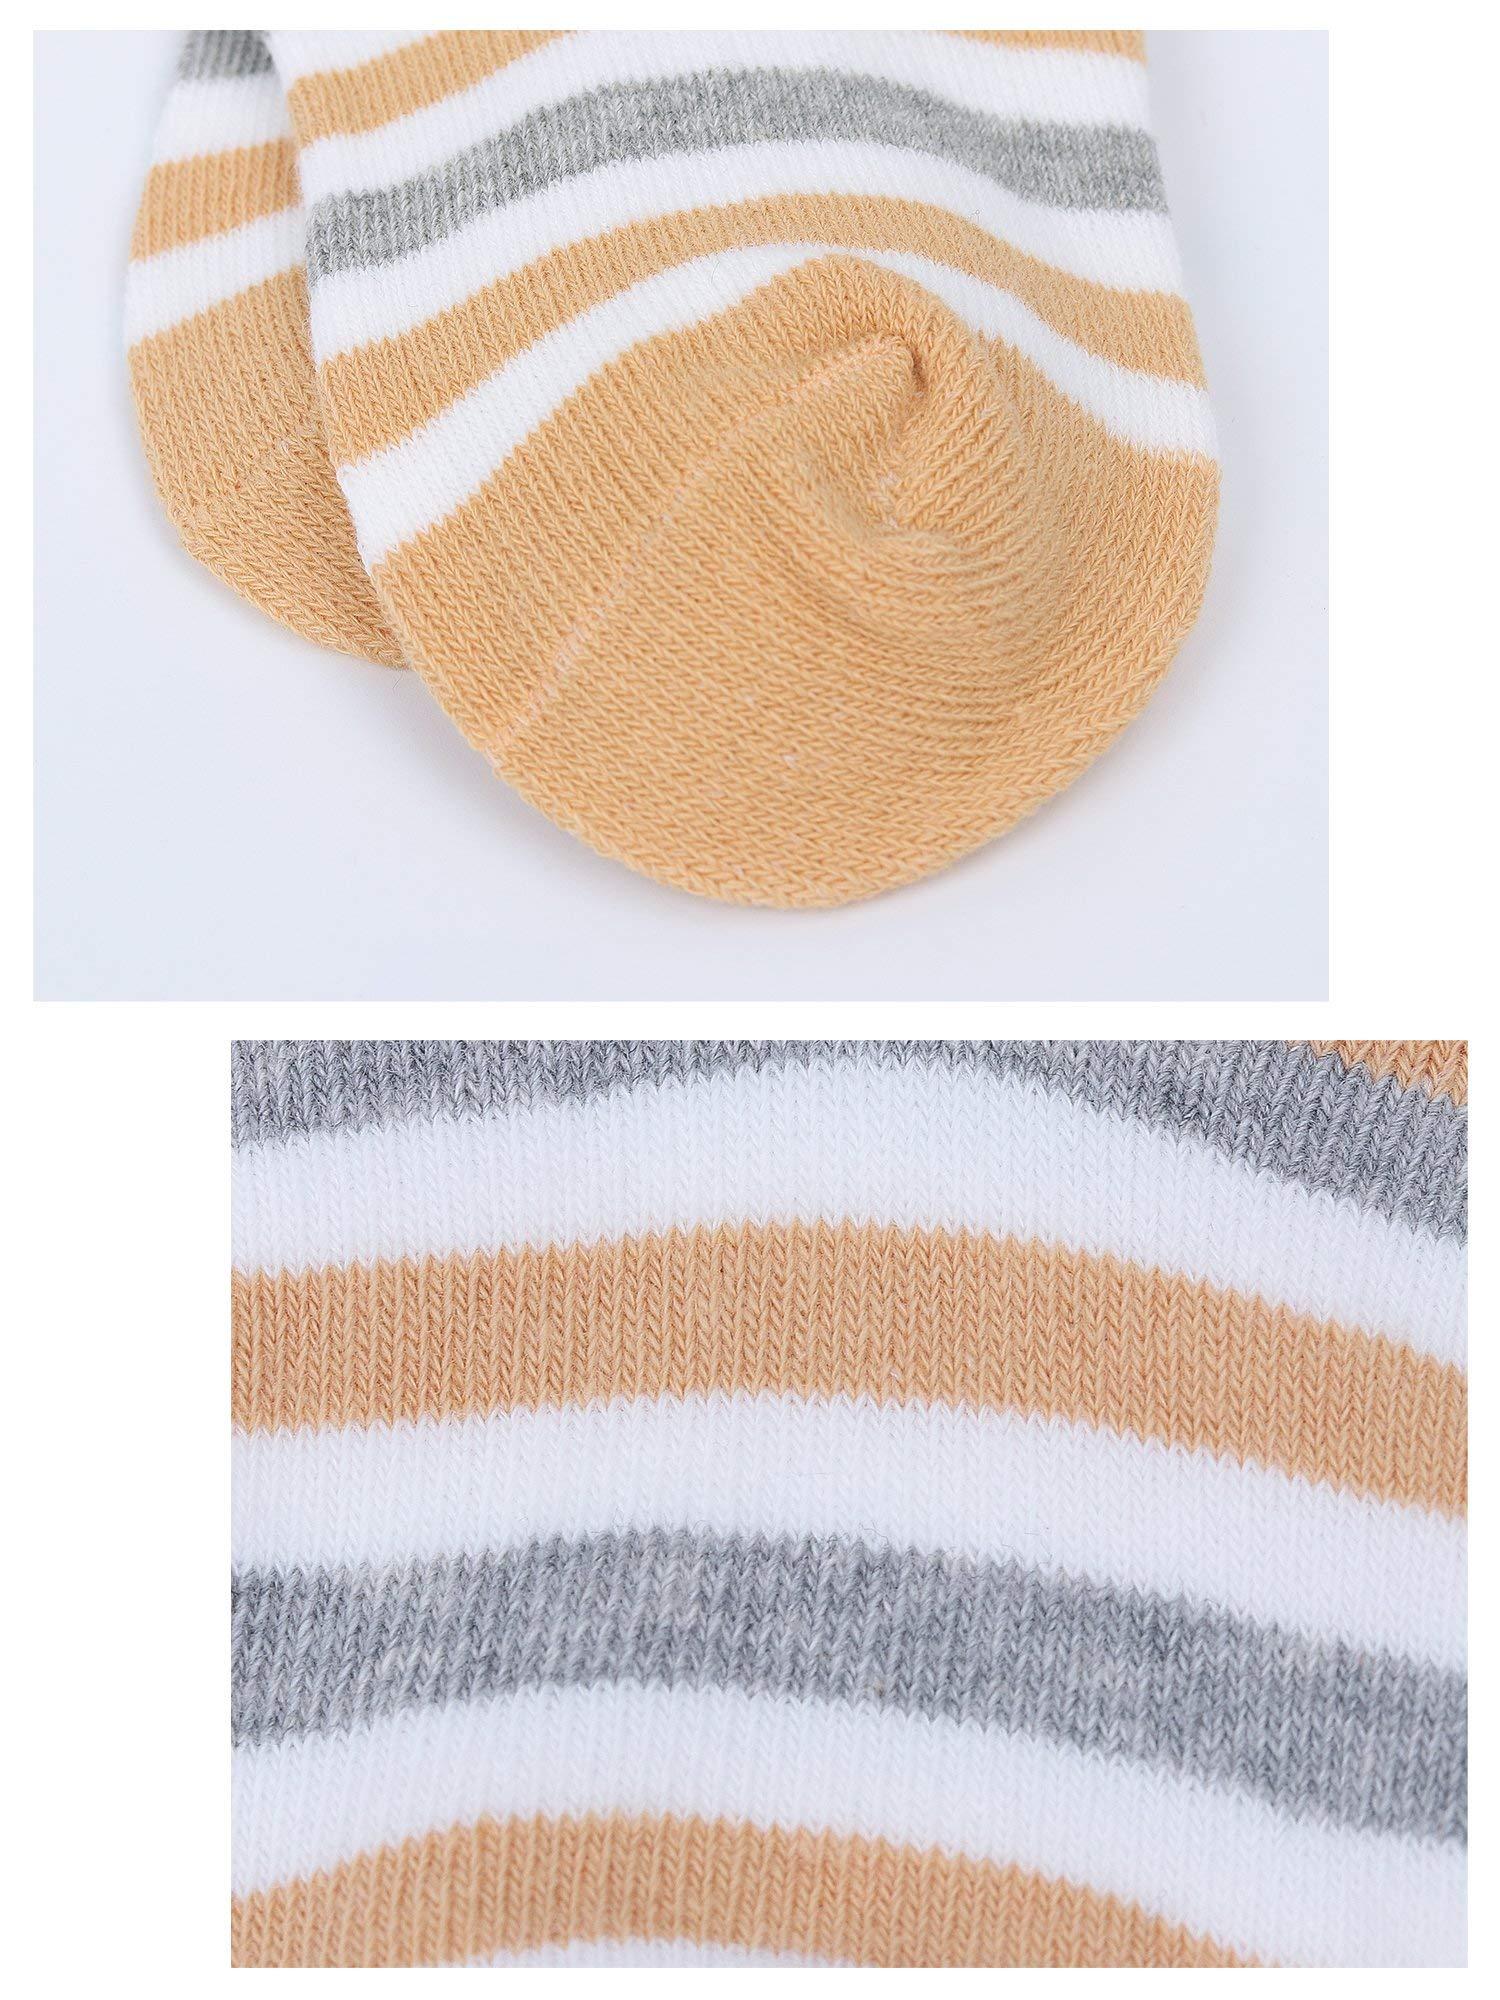 DEBAIJIA Niños Niñas Calcetines De Algodón Cómodo Suave Jogging Absorben el Sudor Antibacteriano primavera verano otoño… 3